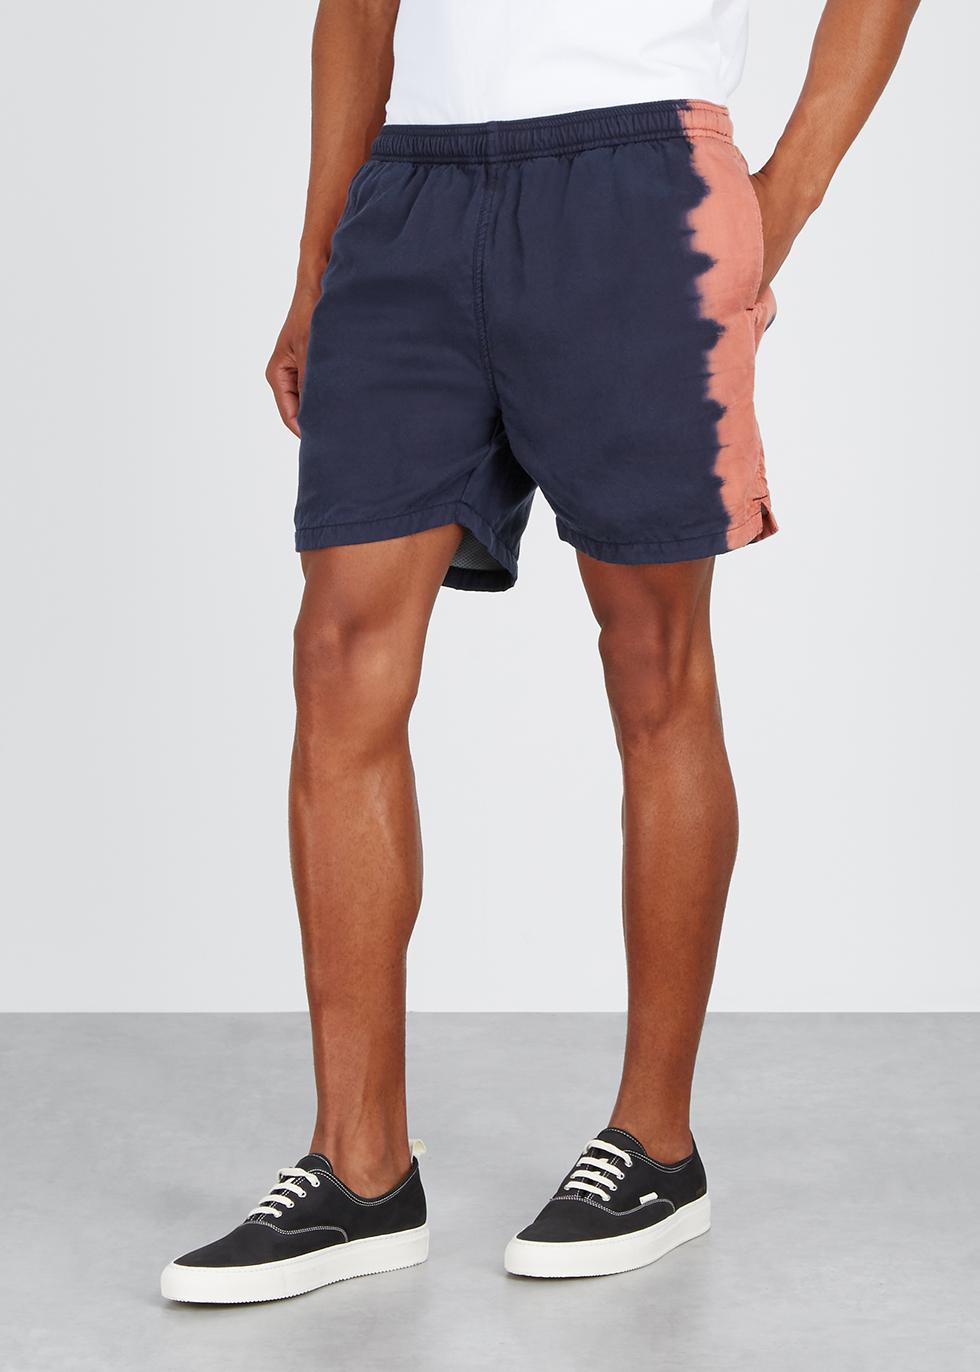 Navy tie-dye twill shorts - Noma T.D